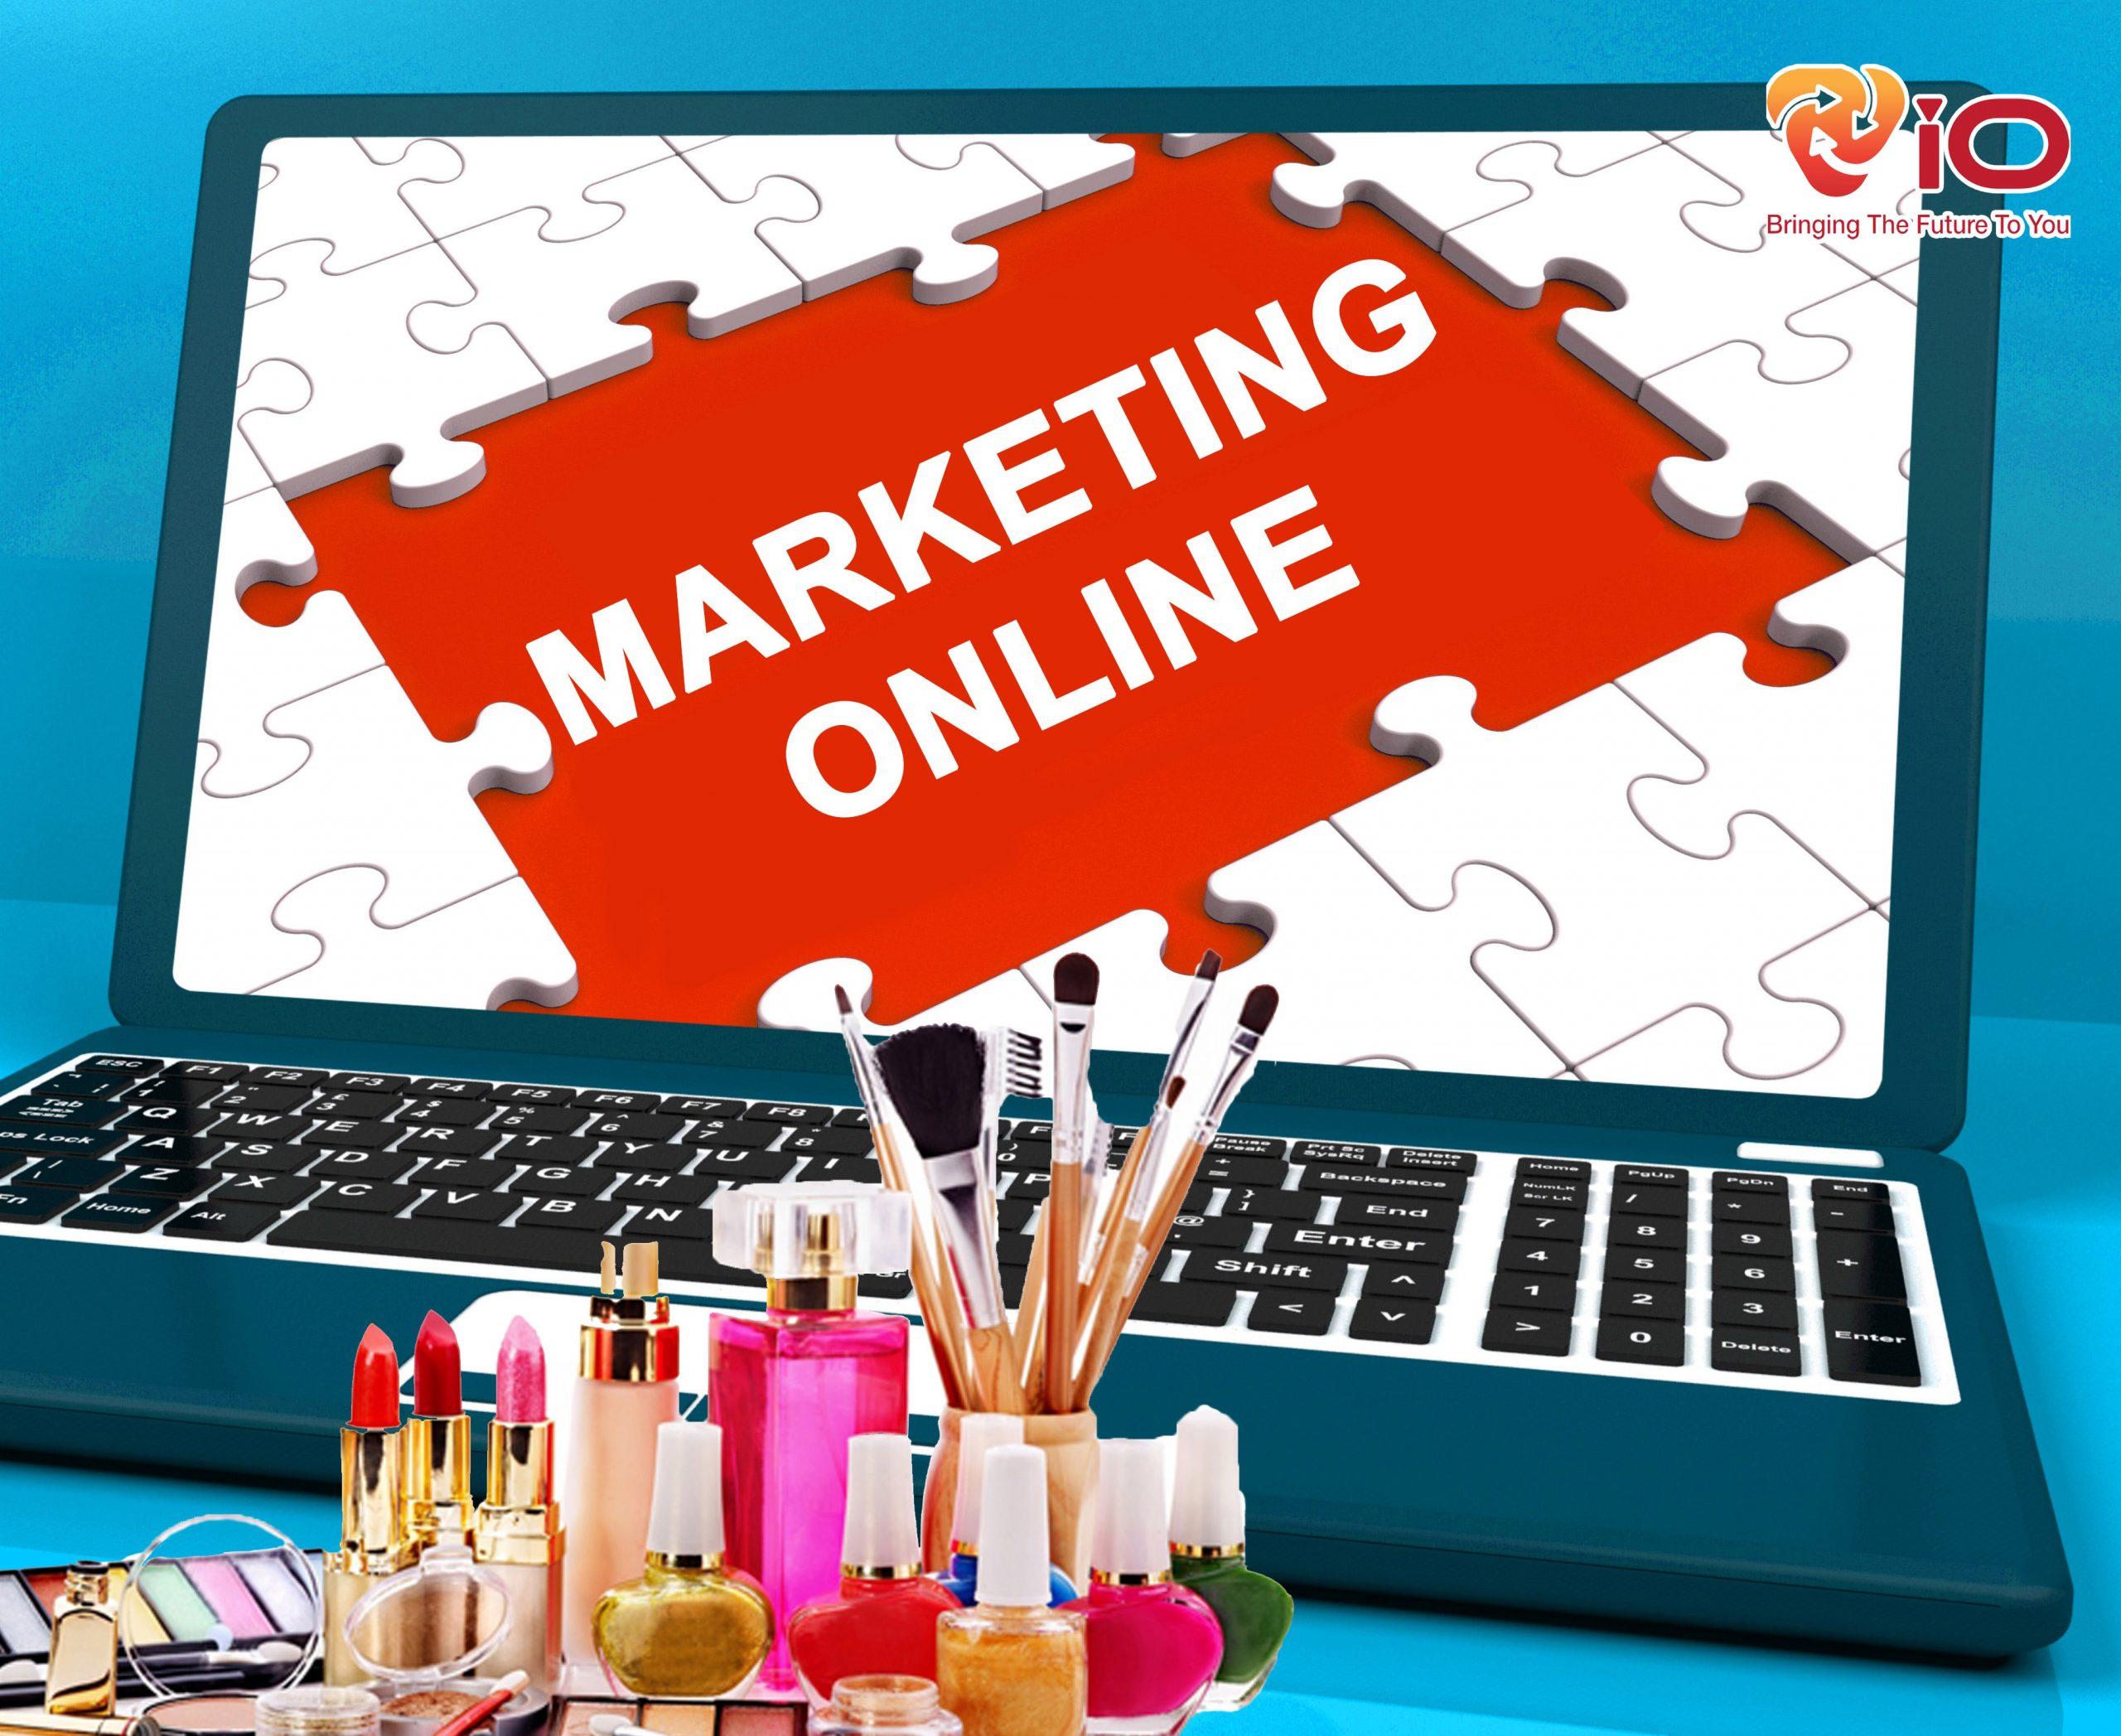 giải pháp marketing online cho ngành mỹ phẩm